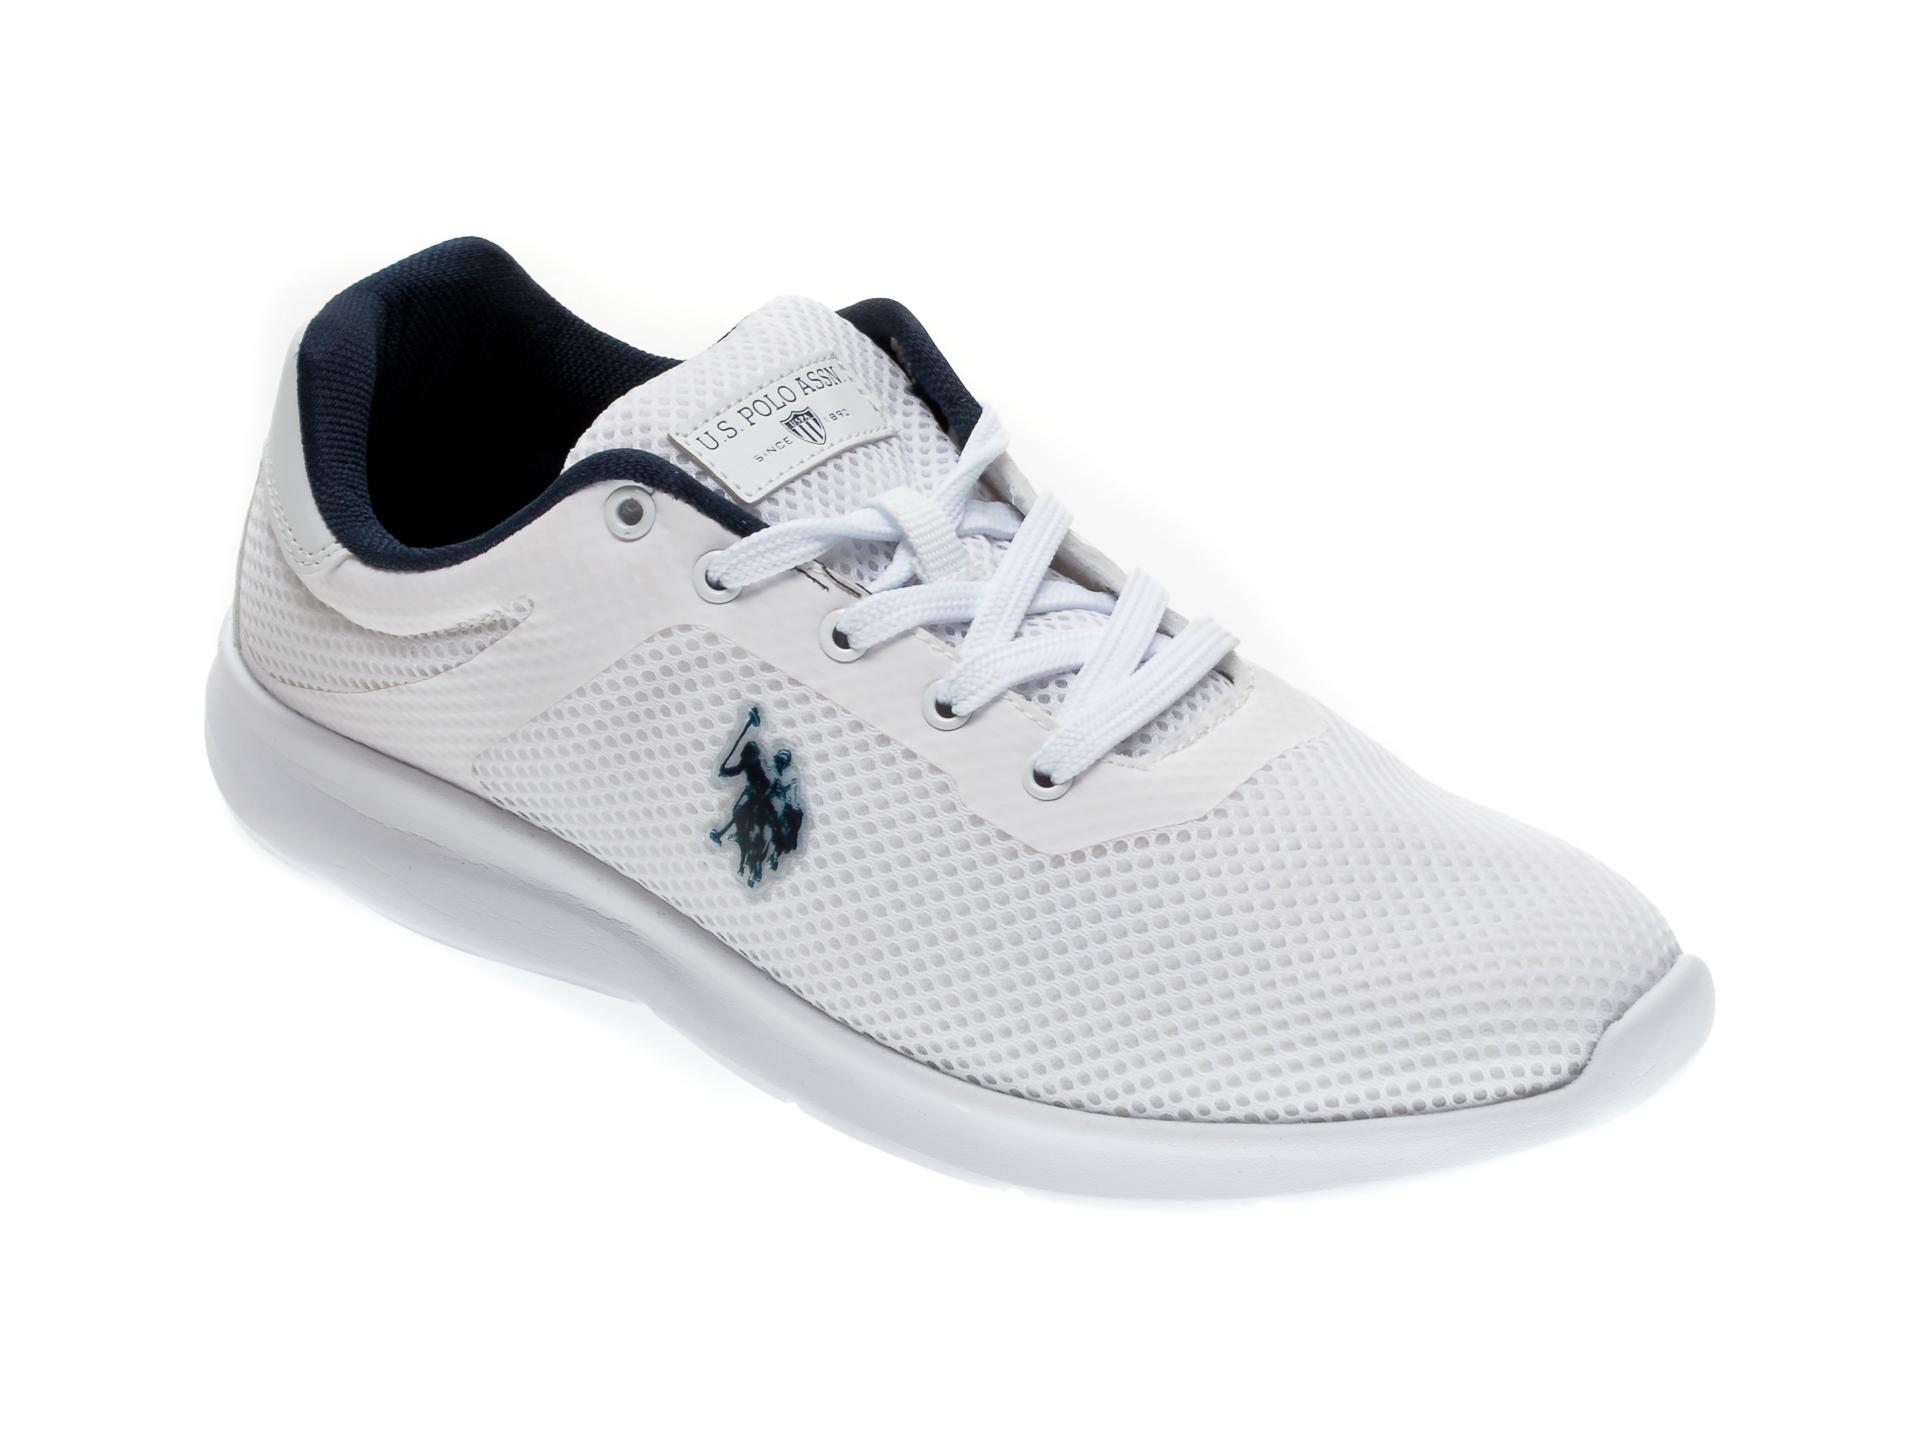 Pantofi Sport Us Polo Assn Albi, 489494, Din Piele Ecologica